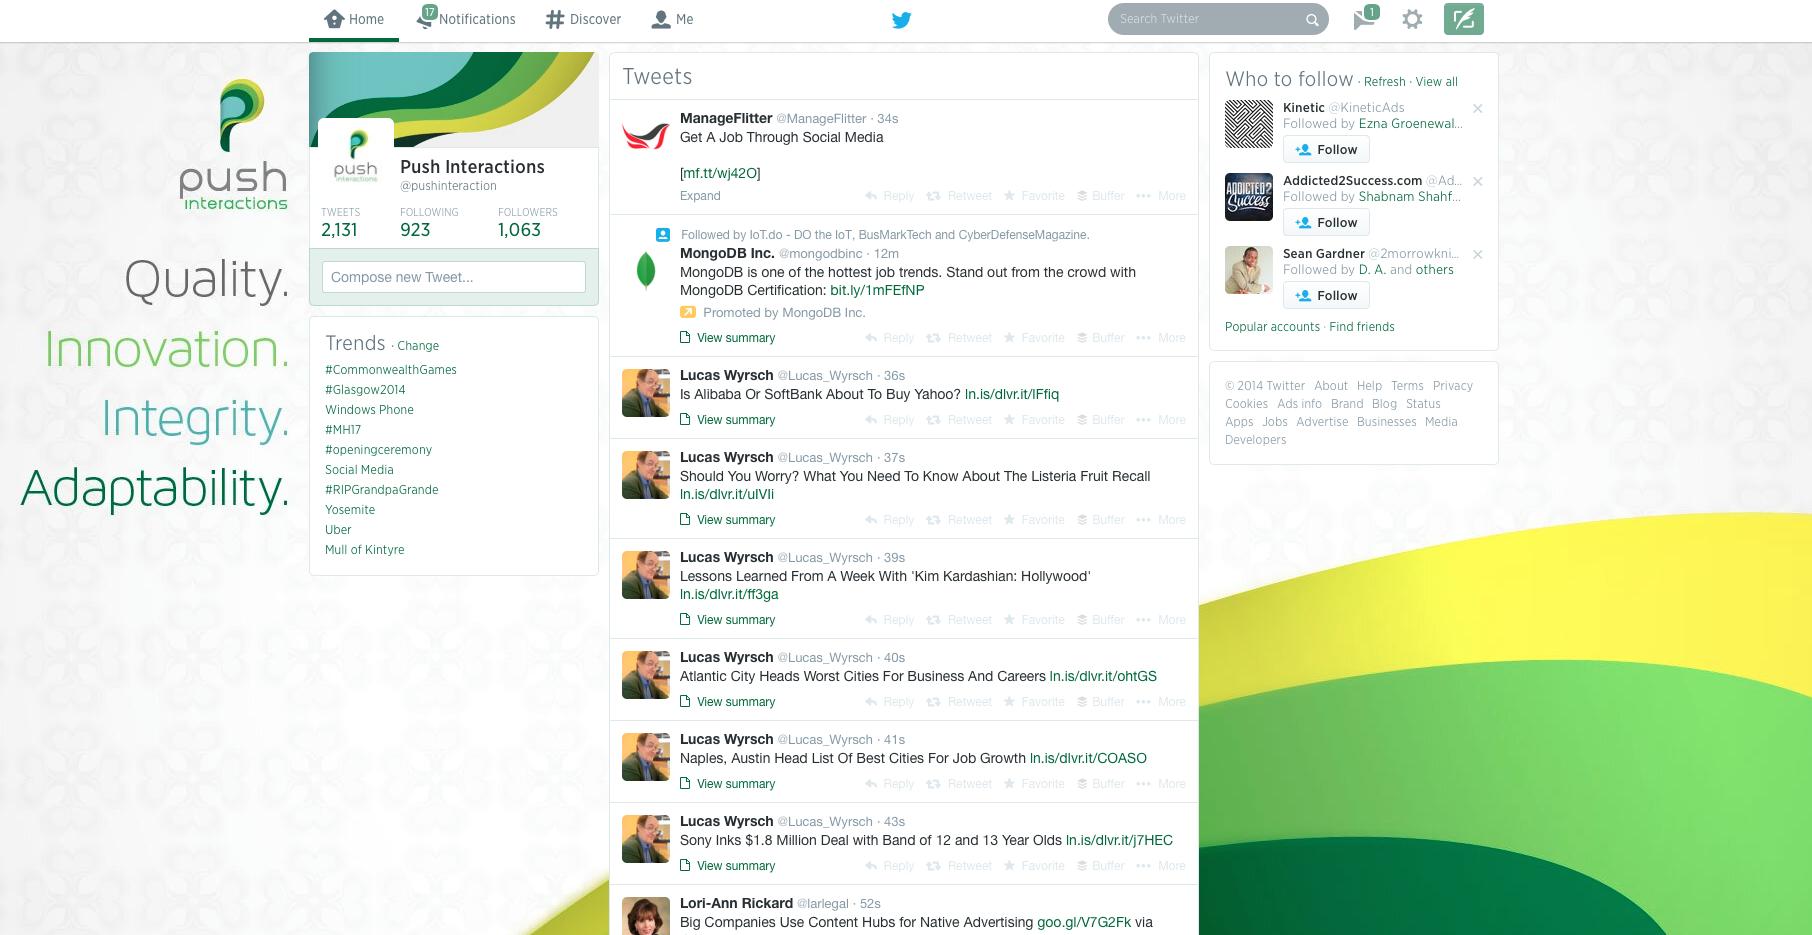 Screen Shot 2014-07-23 at 3.14.06 PM (2)